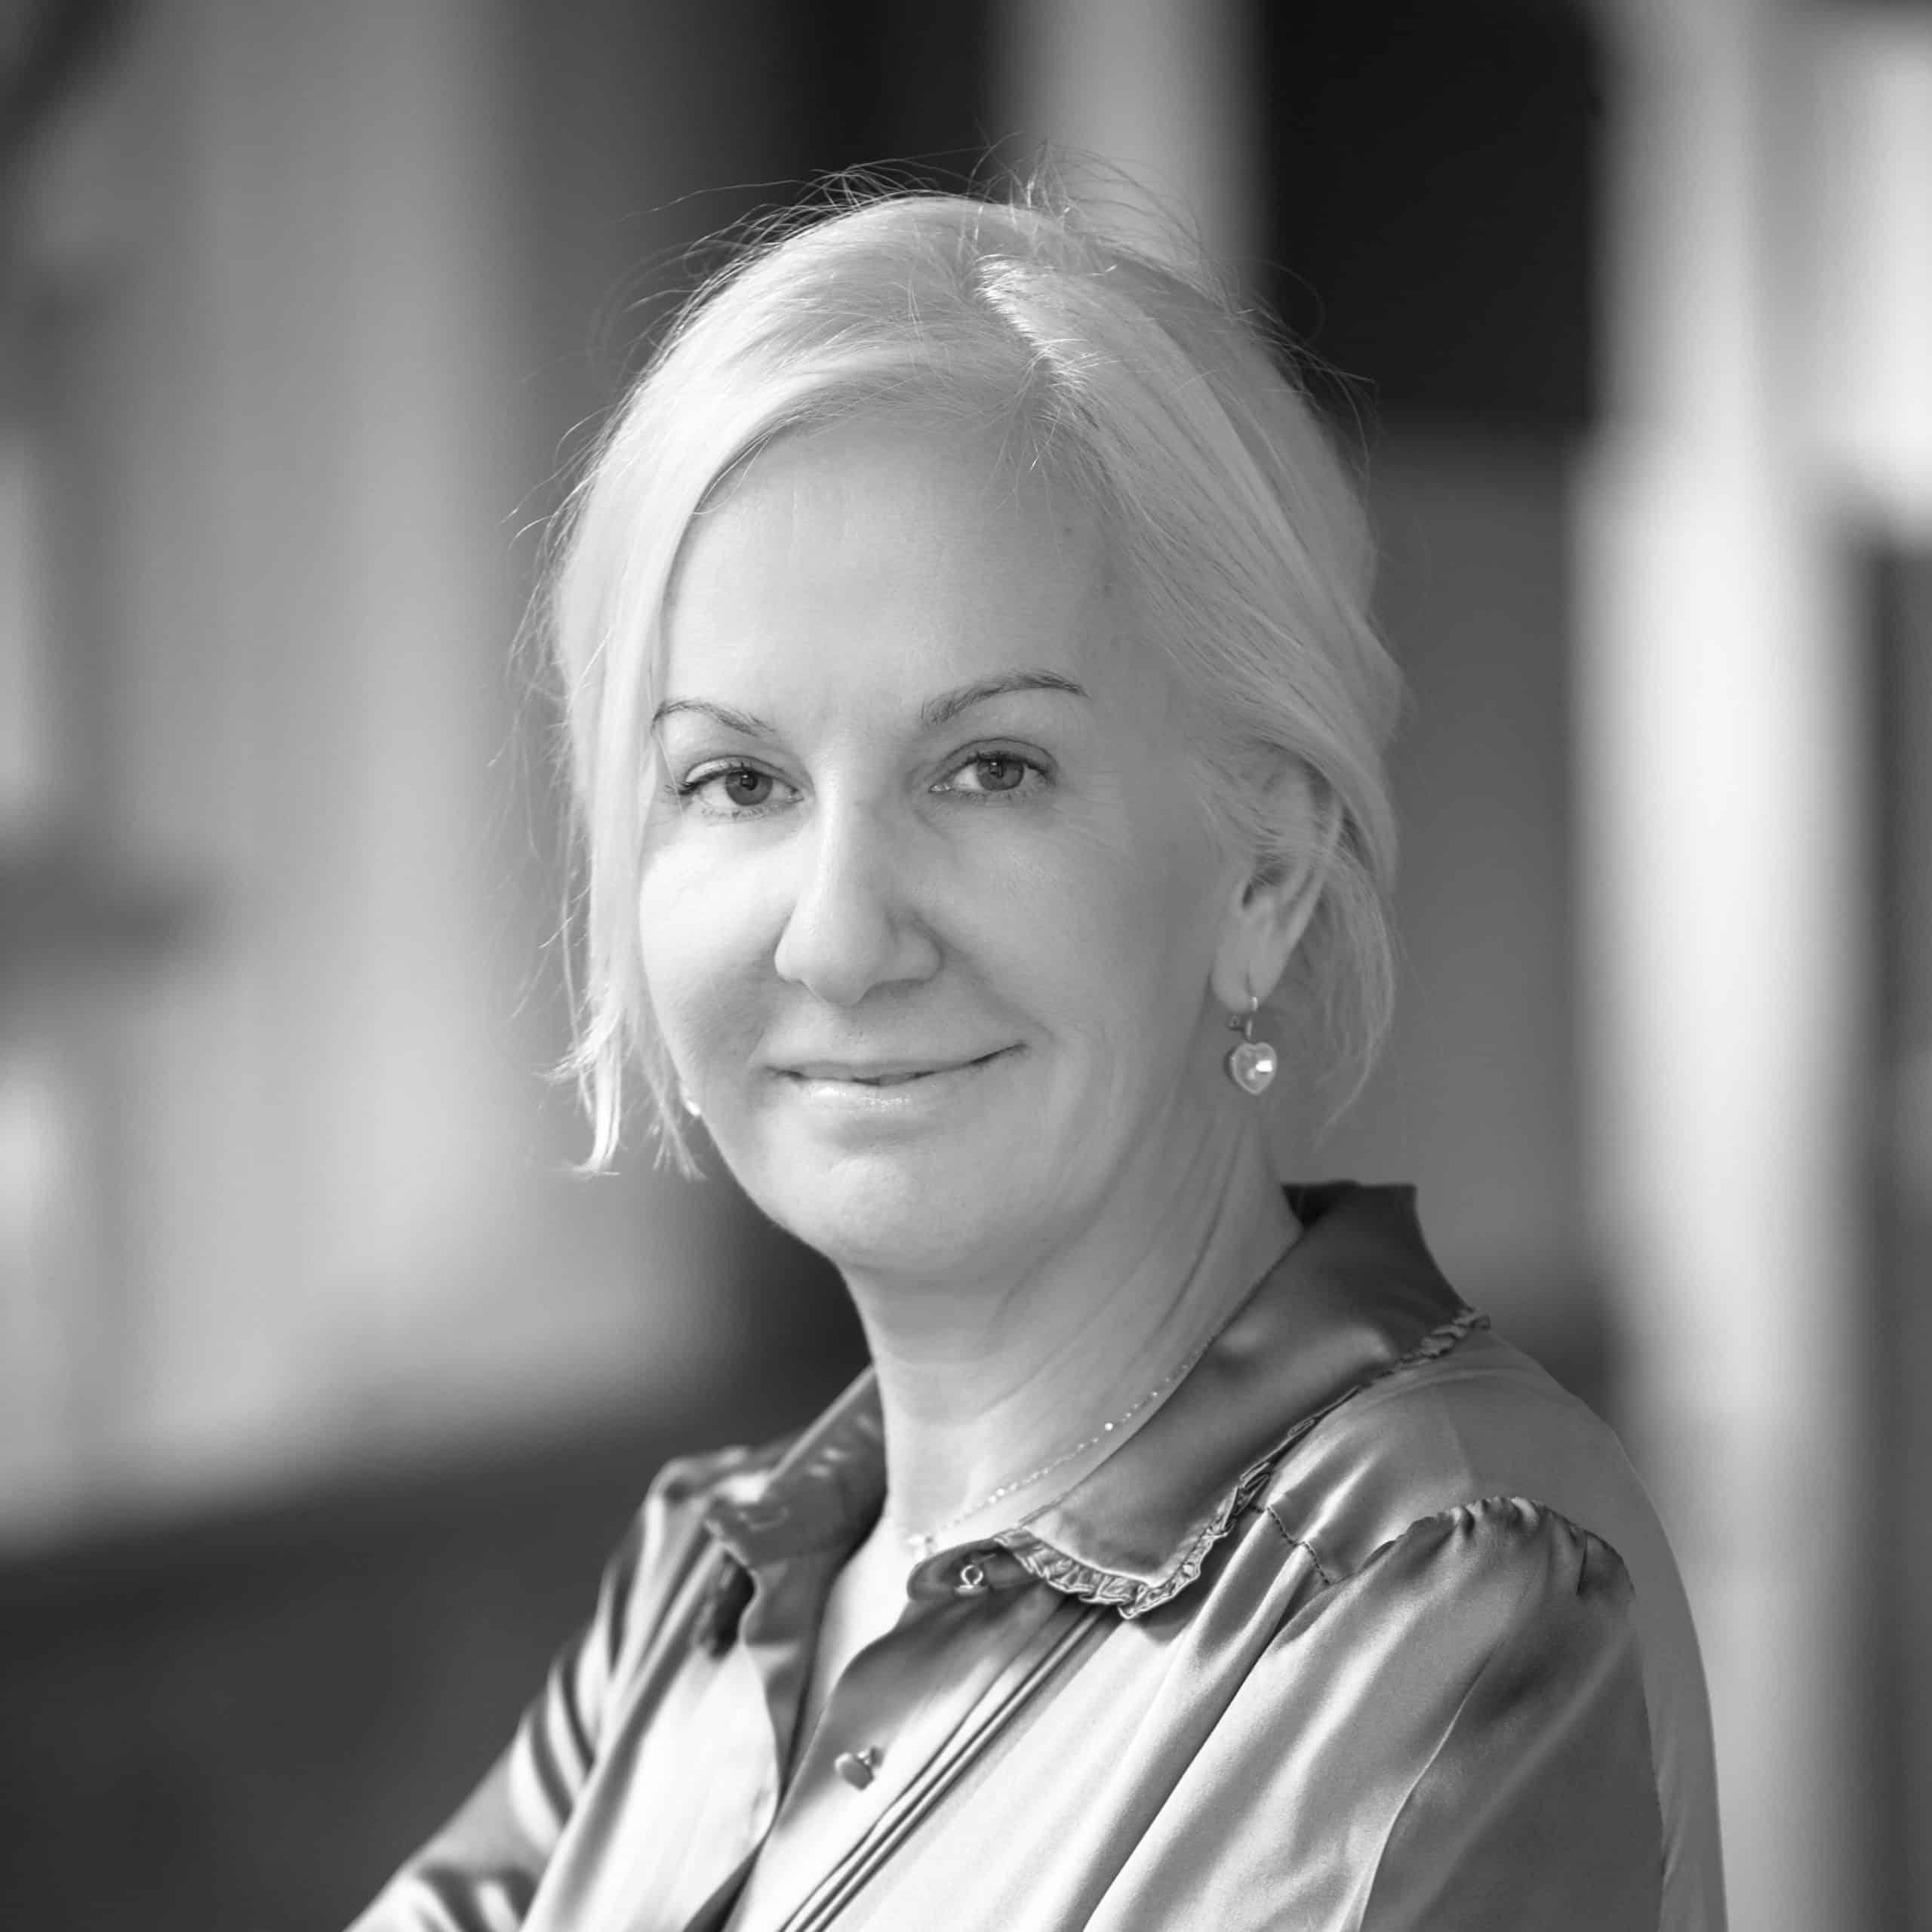 RJC Executive Director Iris Van der Veken